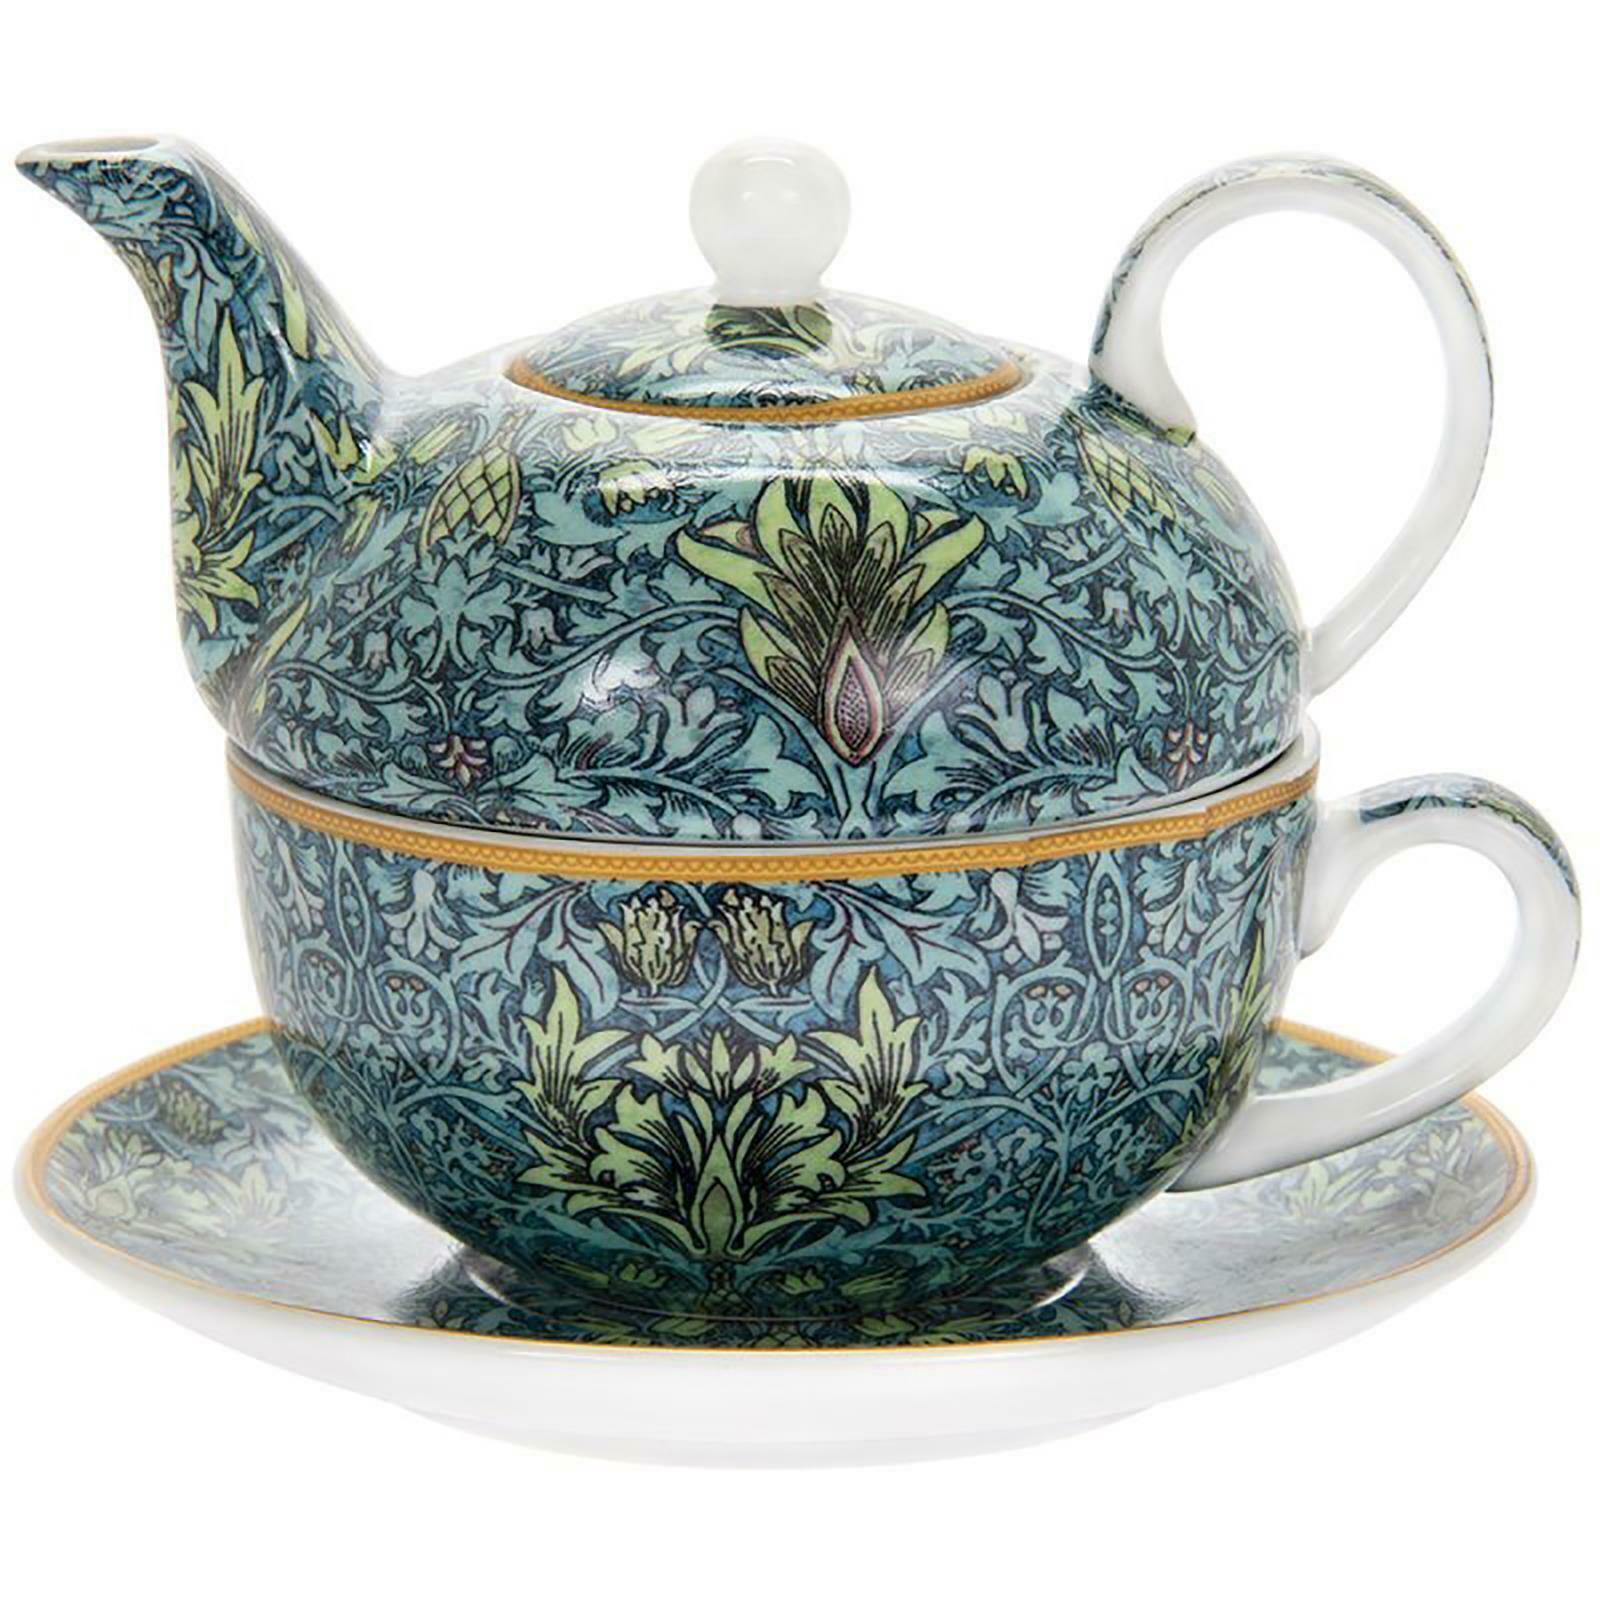 Tea for One - Snakeshead